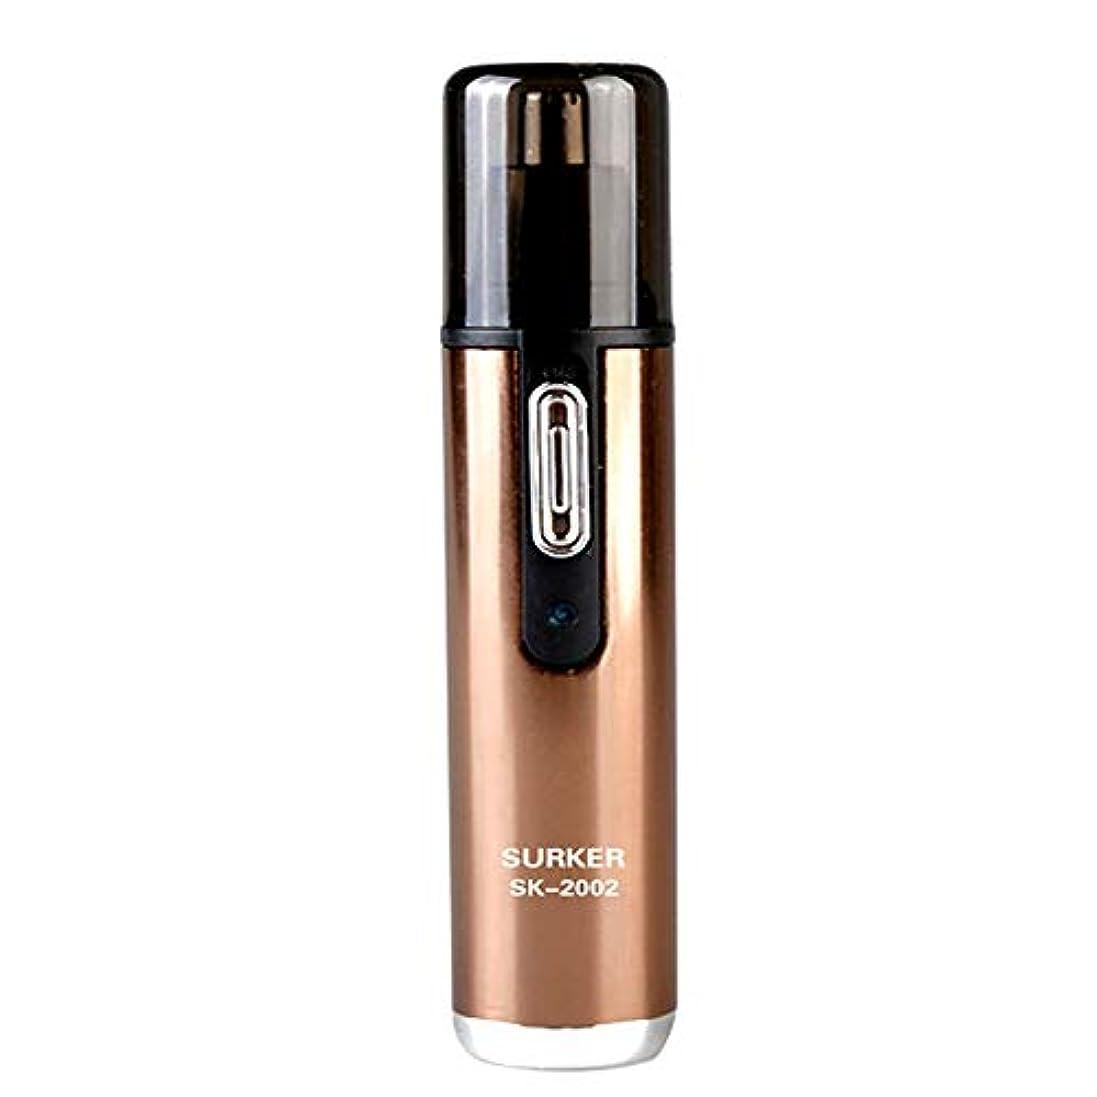 スペード剃る知人鼻のヘアトリマーは使いやすいです男性と女性のための50 dB以下の内部360°回転でノイズのある明るいLEDライトで、保護カバーで掃除しやすいです